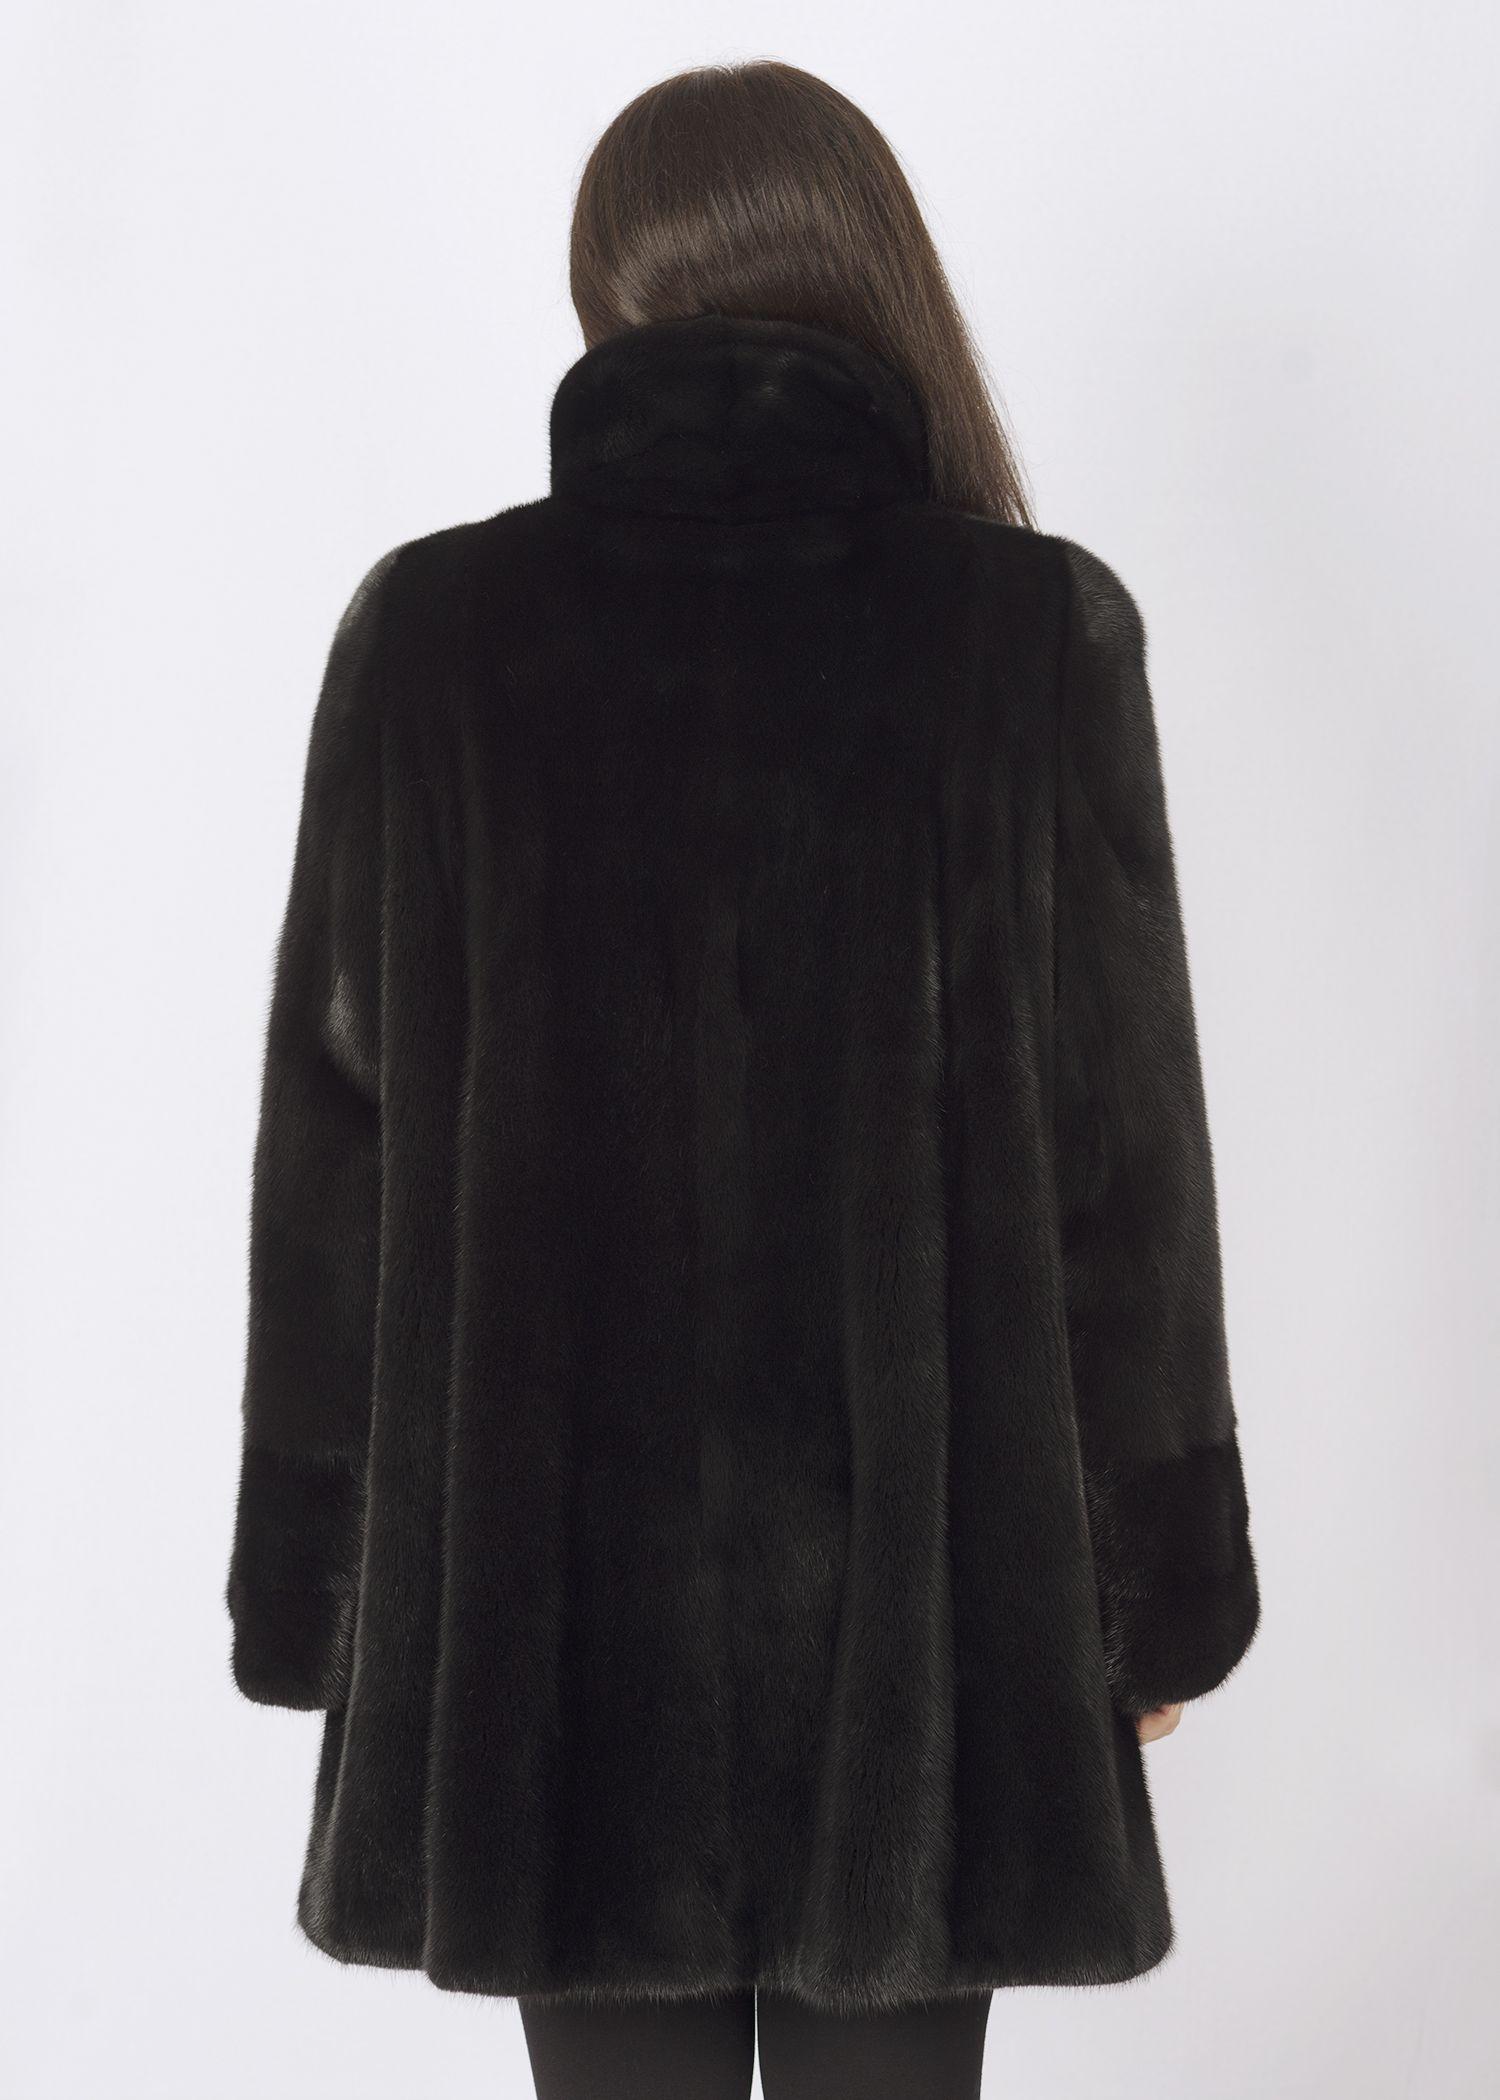 Шуба женская норковая 22388 фото №1